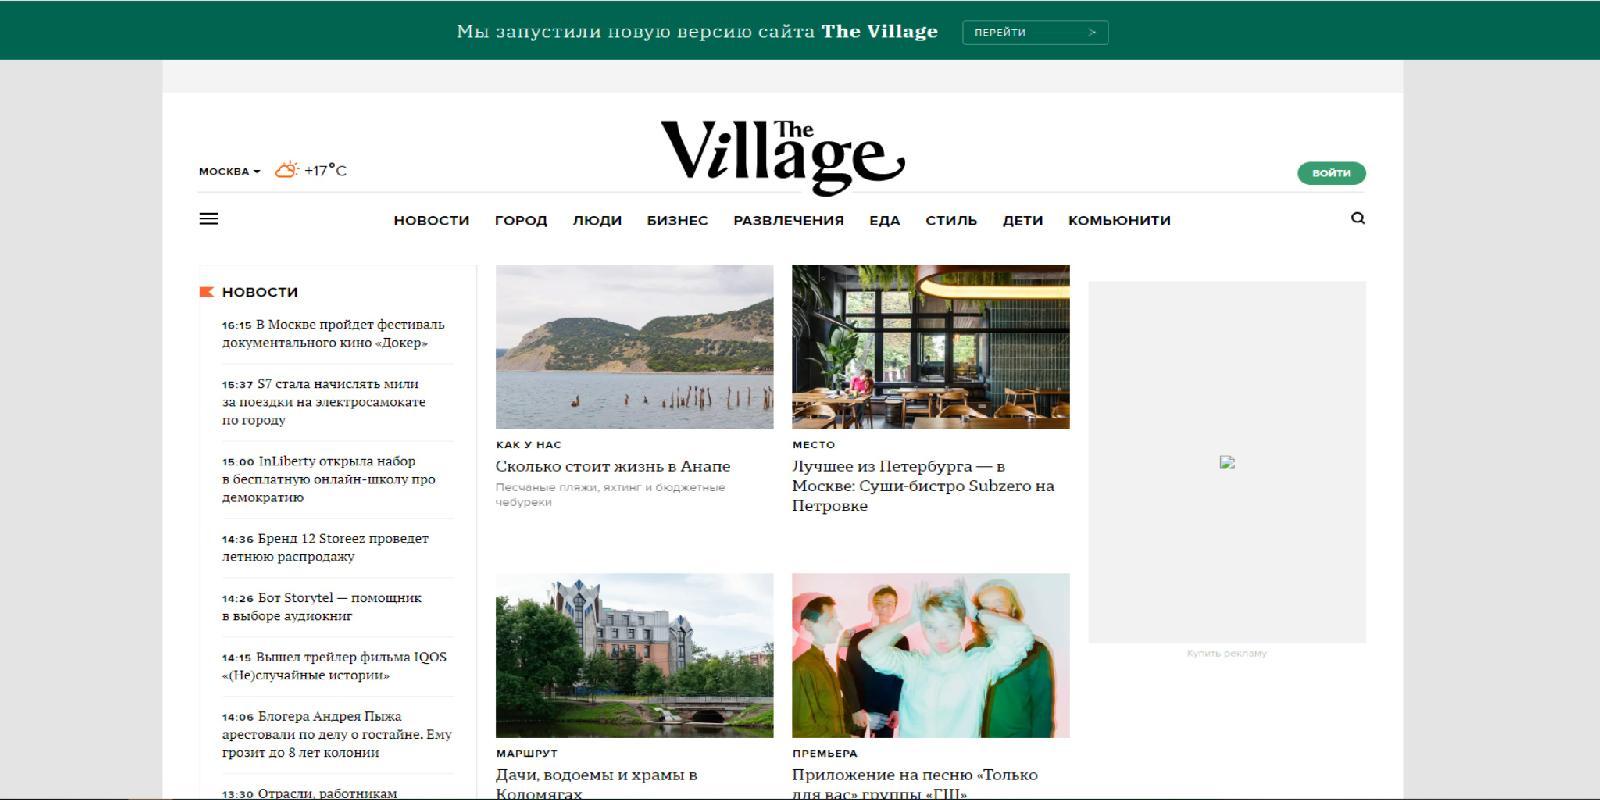 Старый дизайн сайта The Village